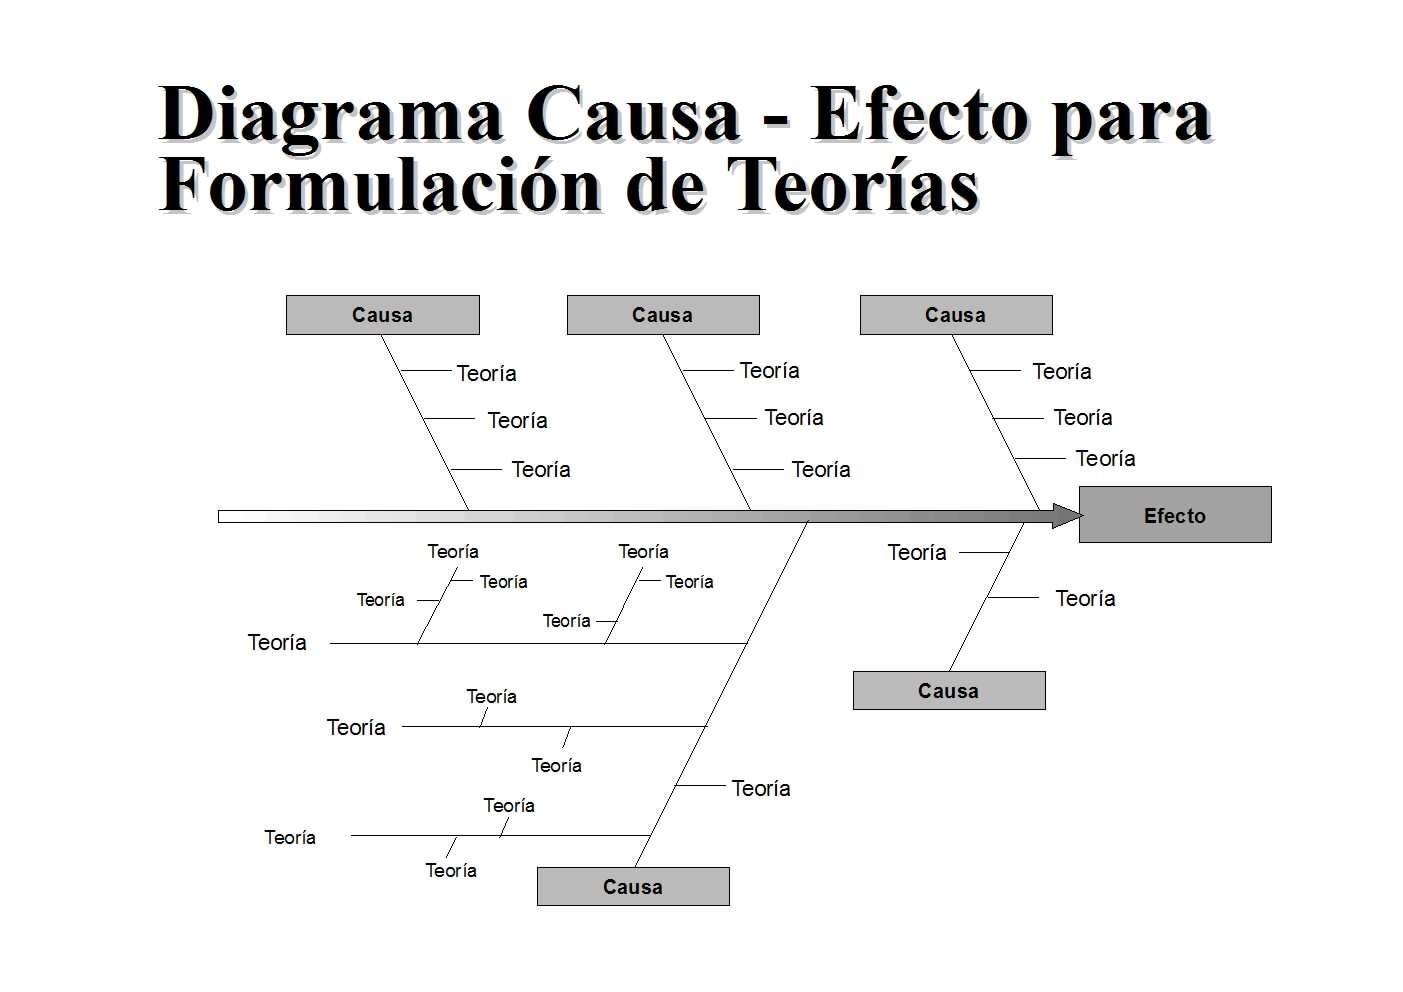 basio diagrama de pesca do kaoru ishikawa: kaoru ishikawa 4m diagrama de pesca do